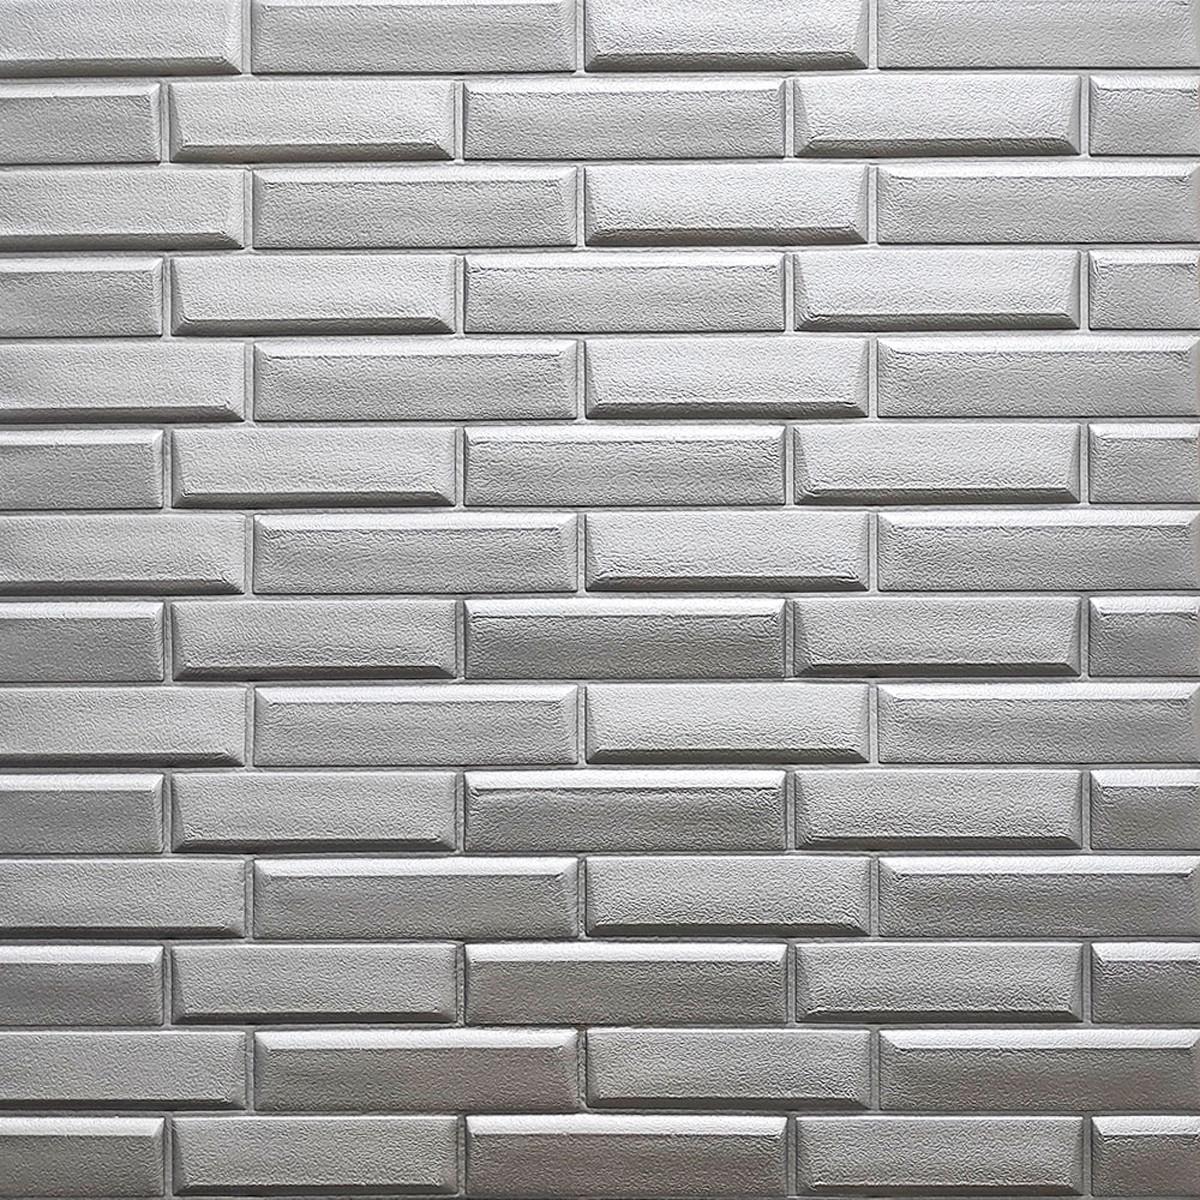 Самоклеющаяся декоративная 3D панель кладка серебро 770х700х7 мм